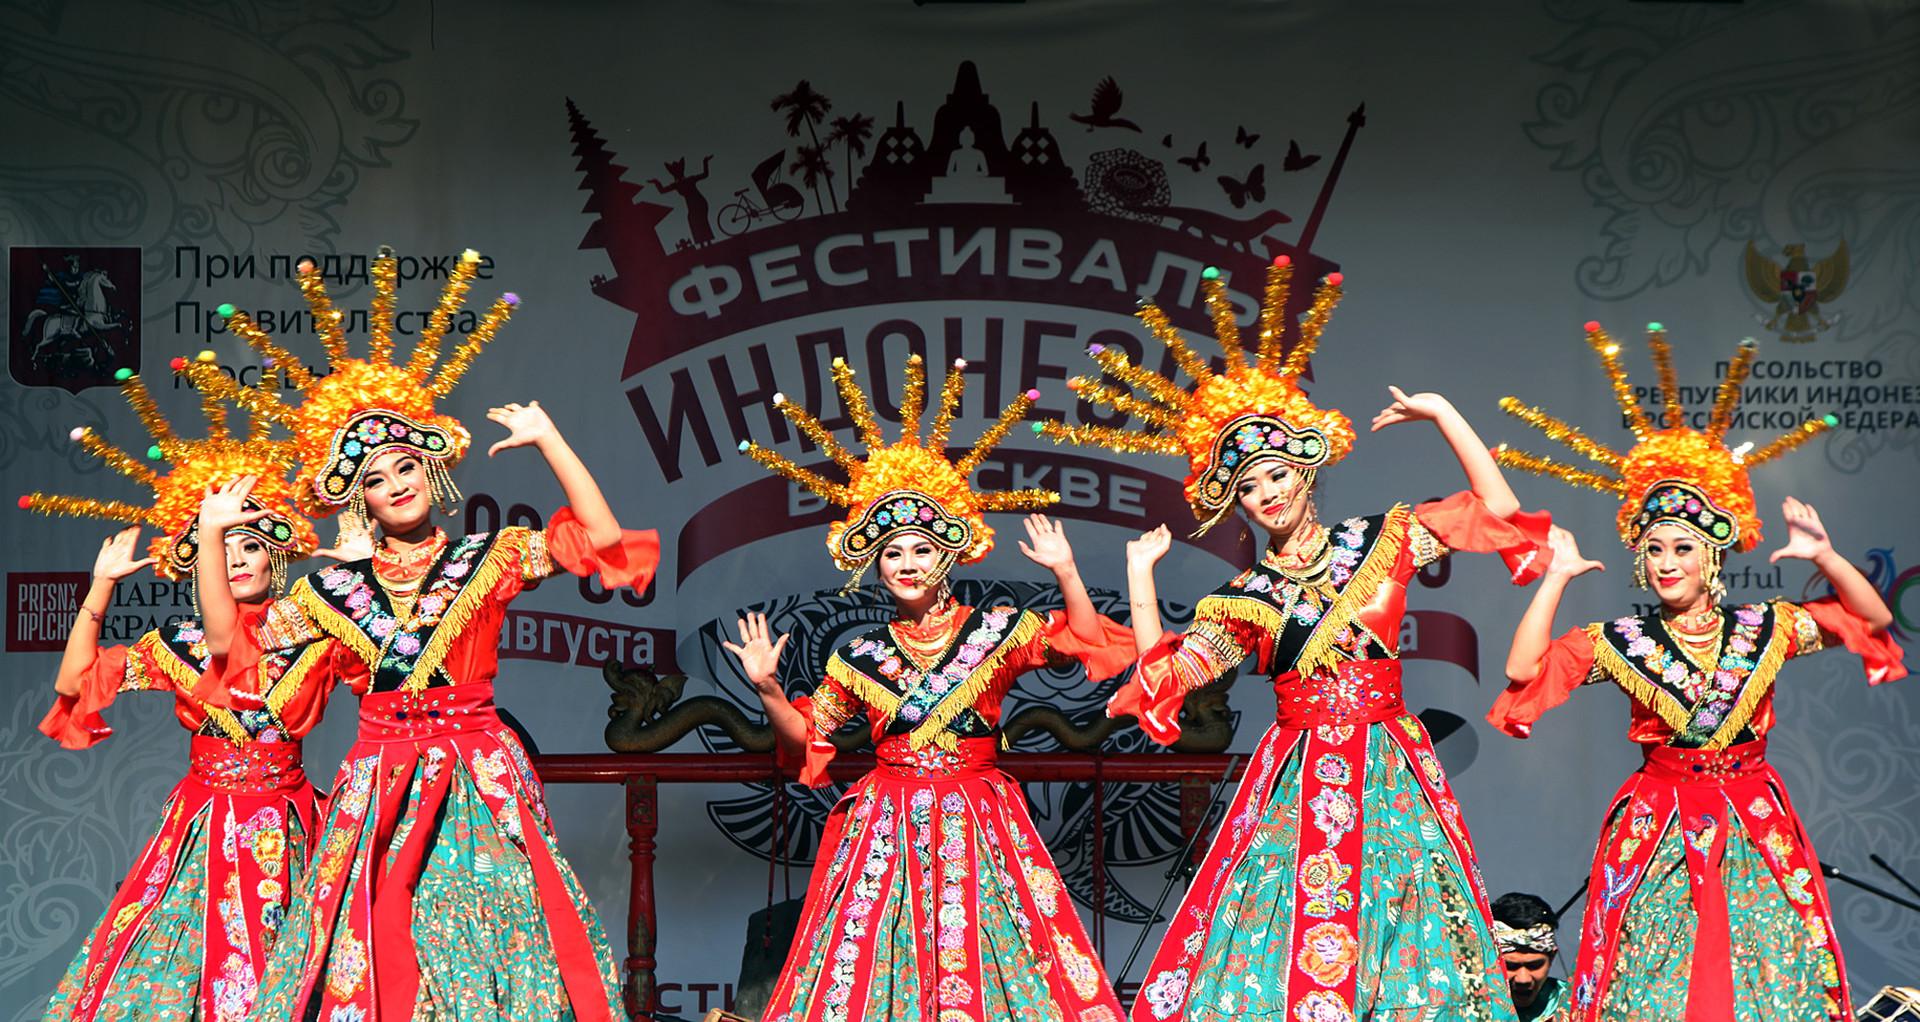 Penari membawakan tari Ondel-ondel pada pada Festival Indonesia di Taman Krasnaya Presnya, Moskow, Jumat (3/8/2018).